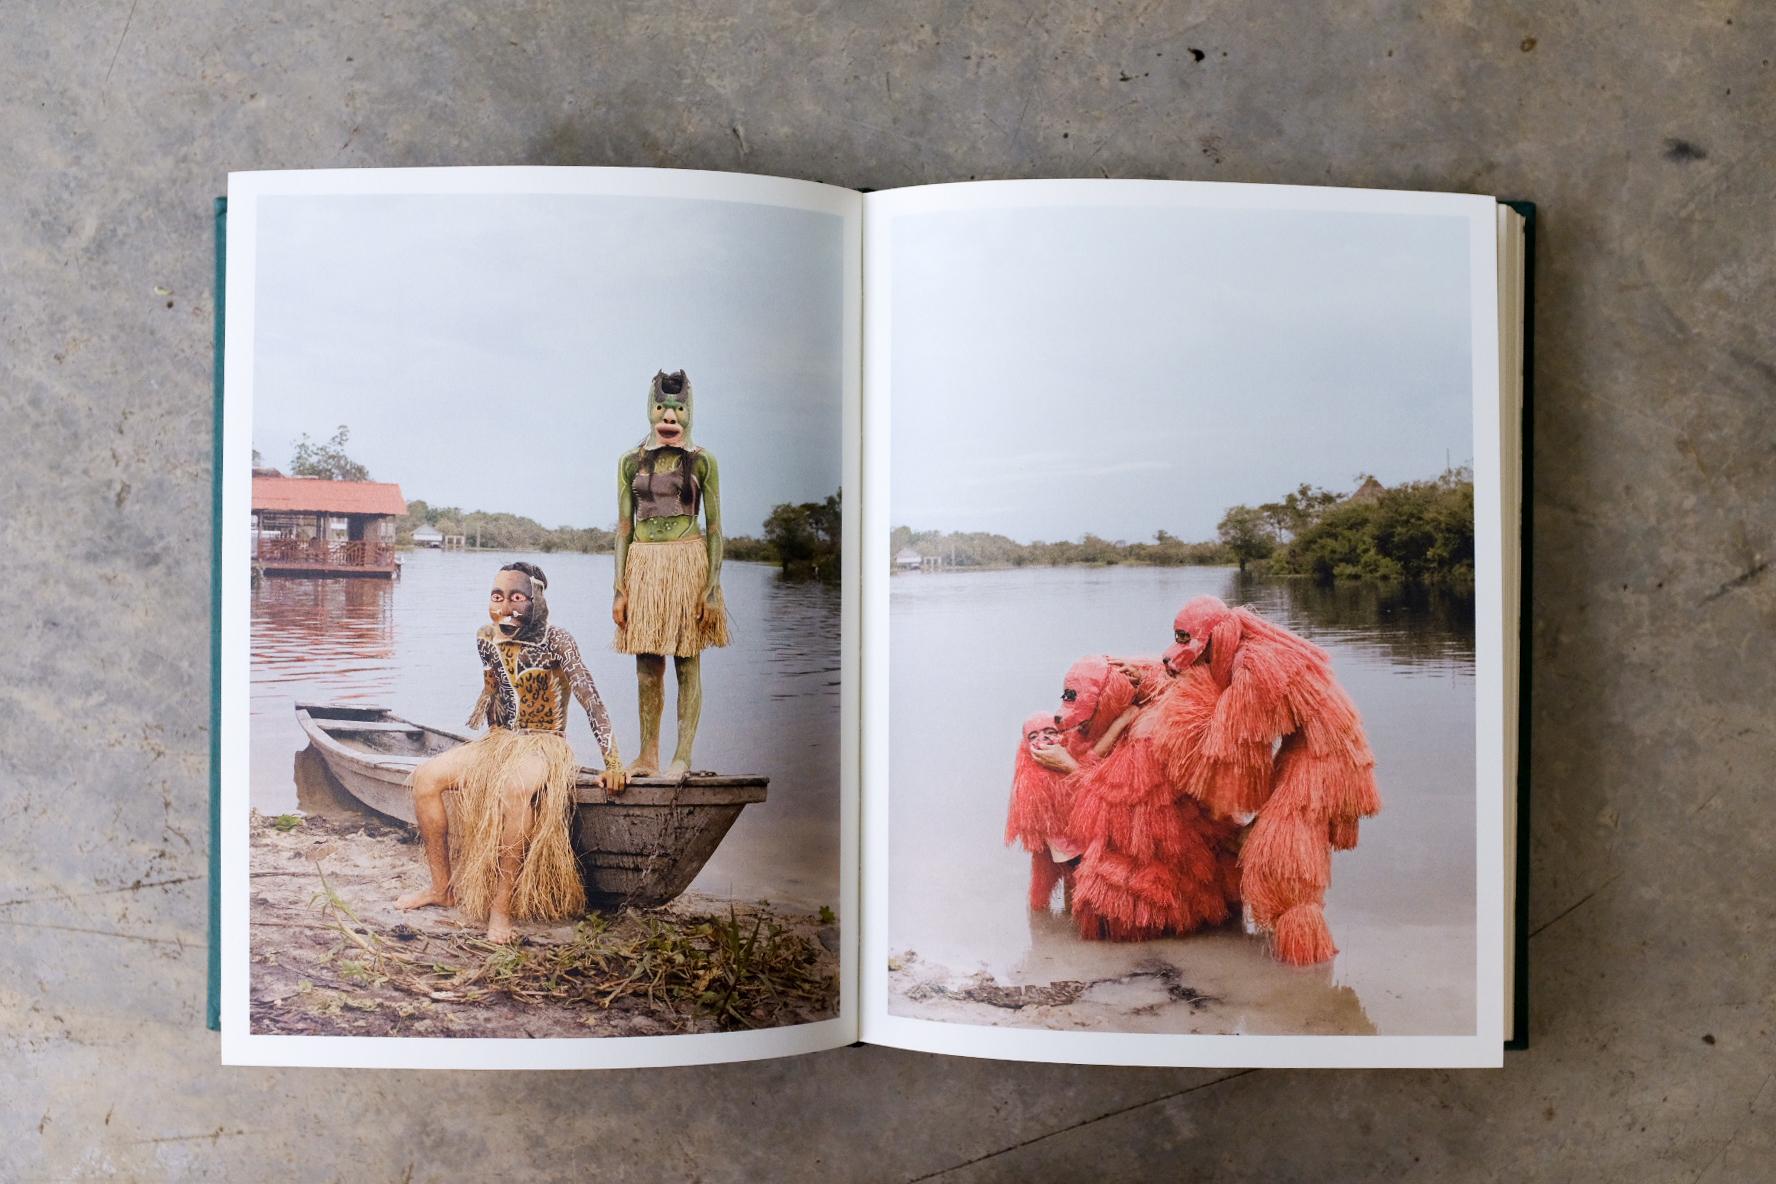 (Estas eran de las pocas fotos disponibles que pude ver en la página de Yann Gross ese día)